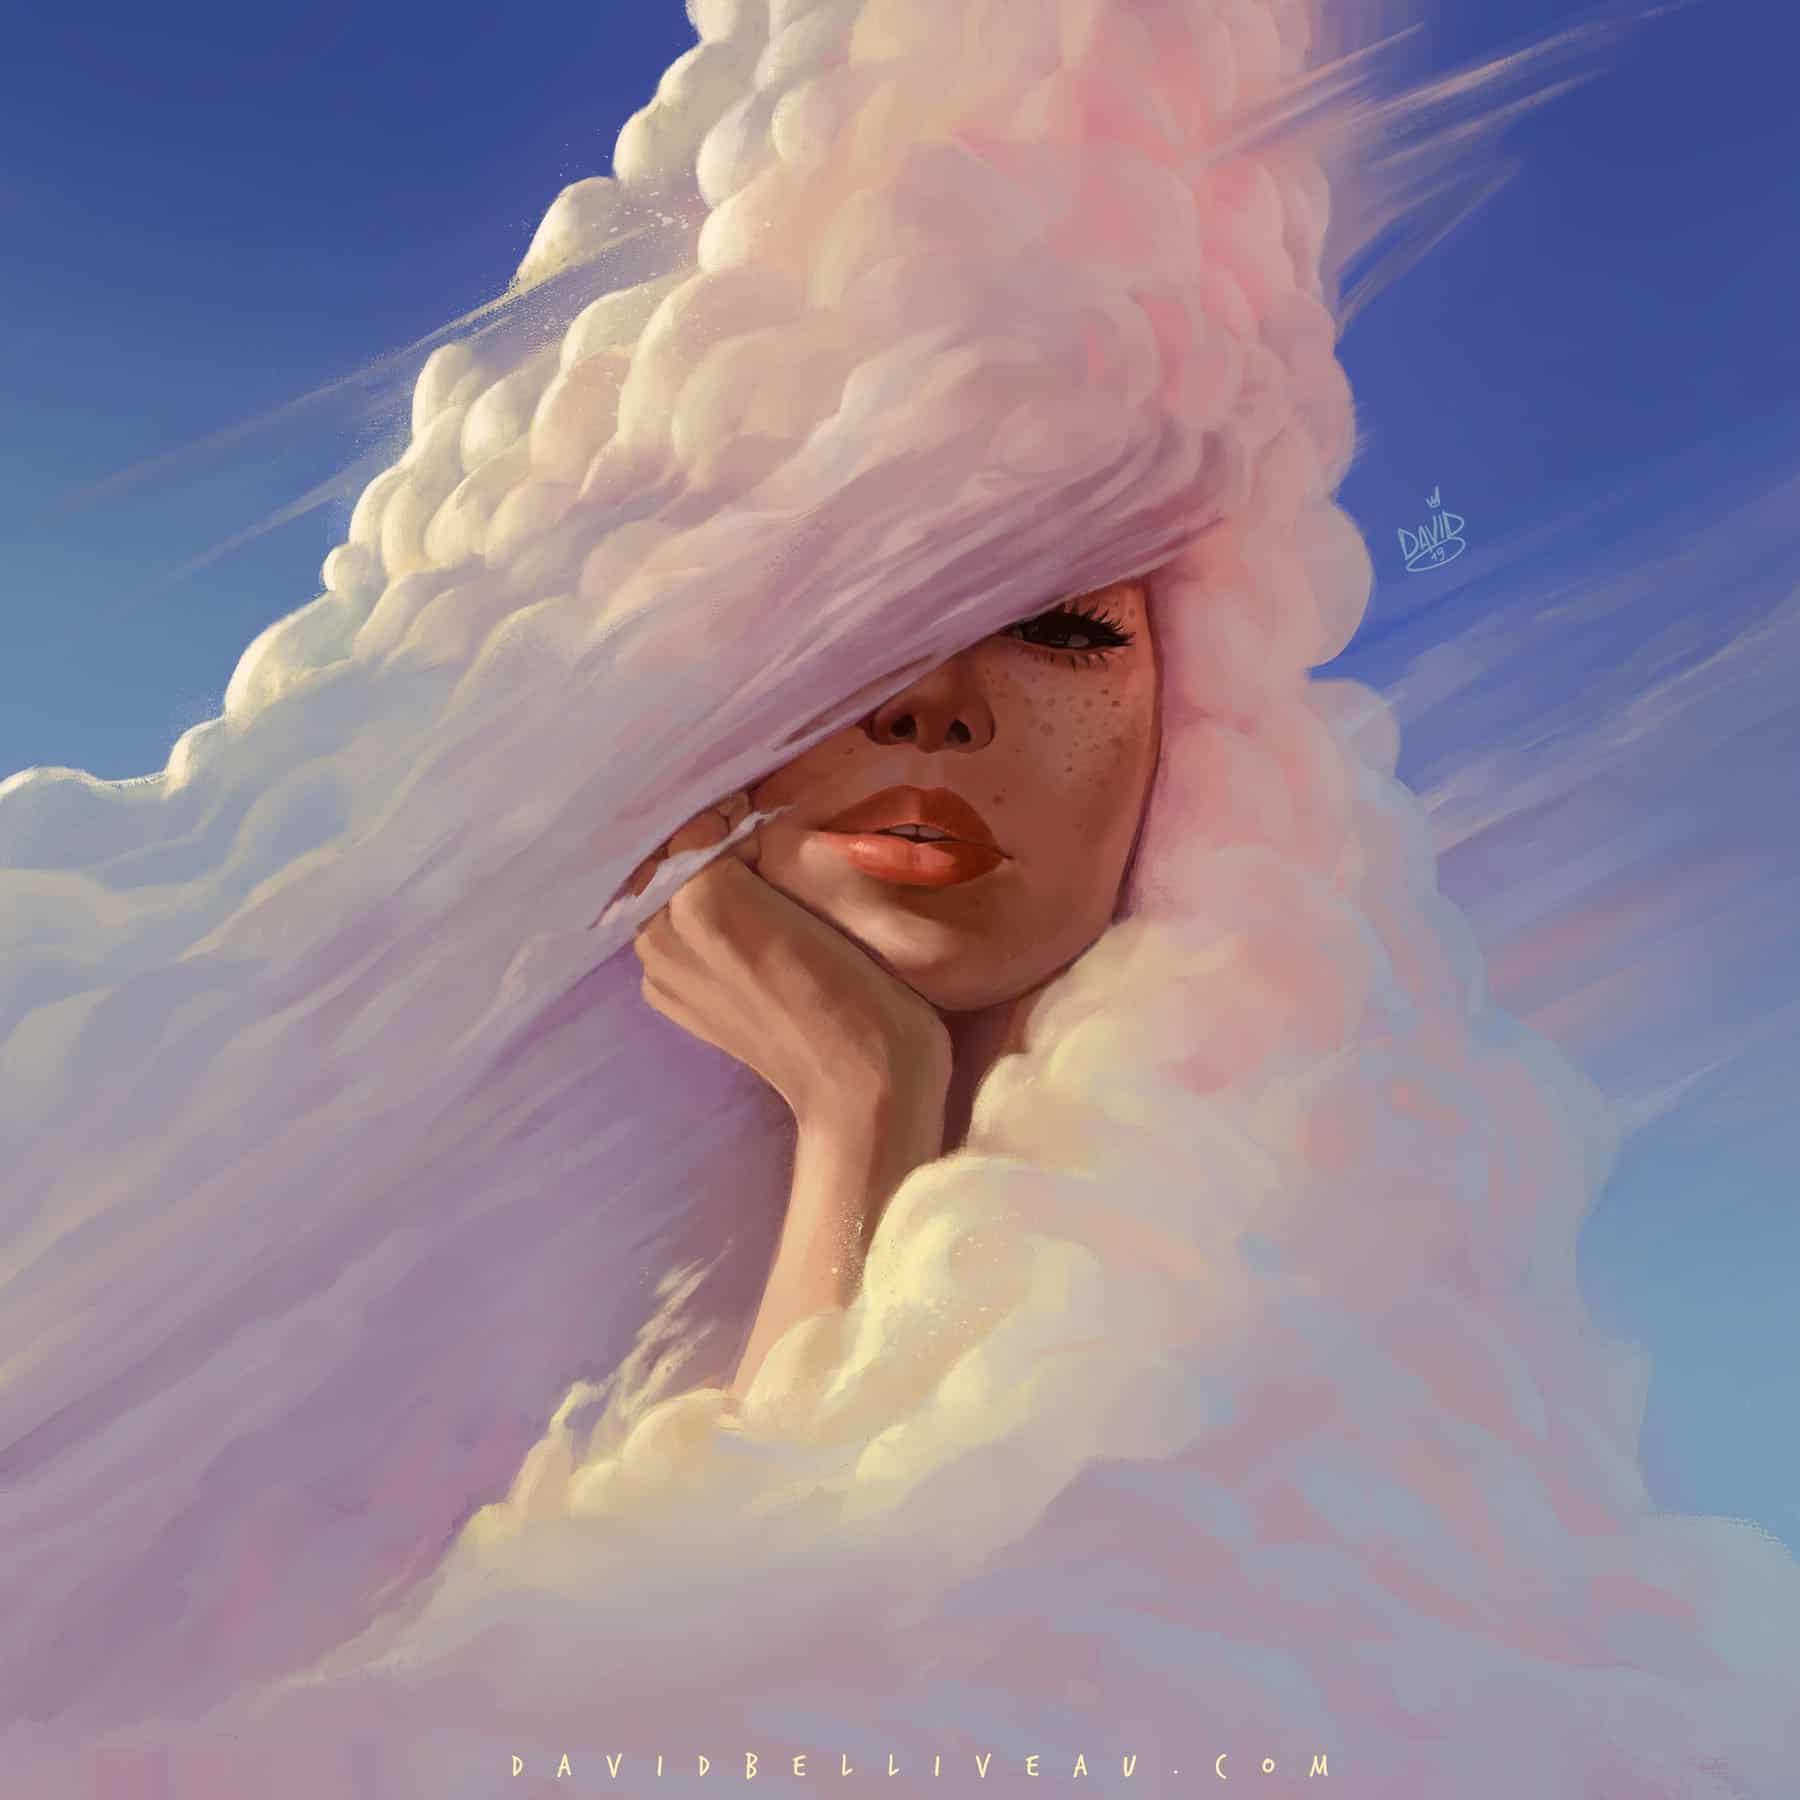 Digital Painting clouds portrait david belliveau